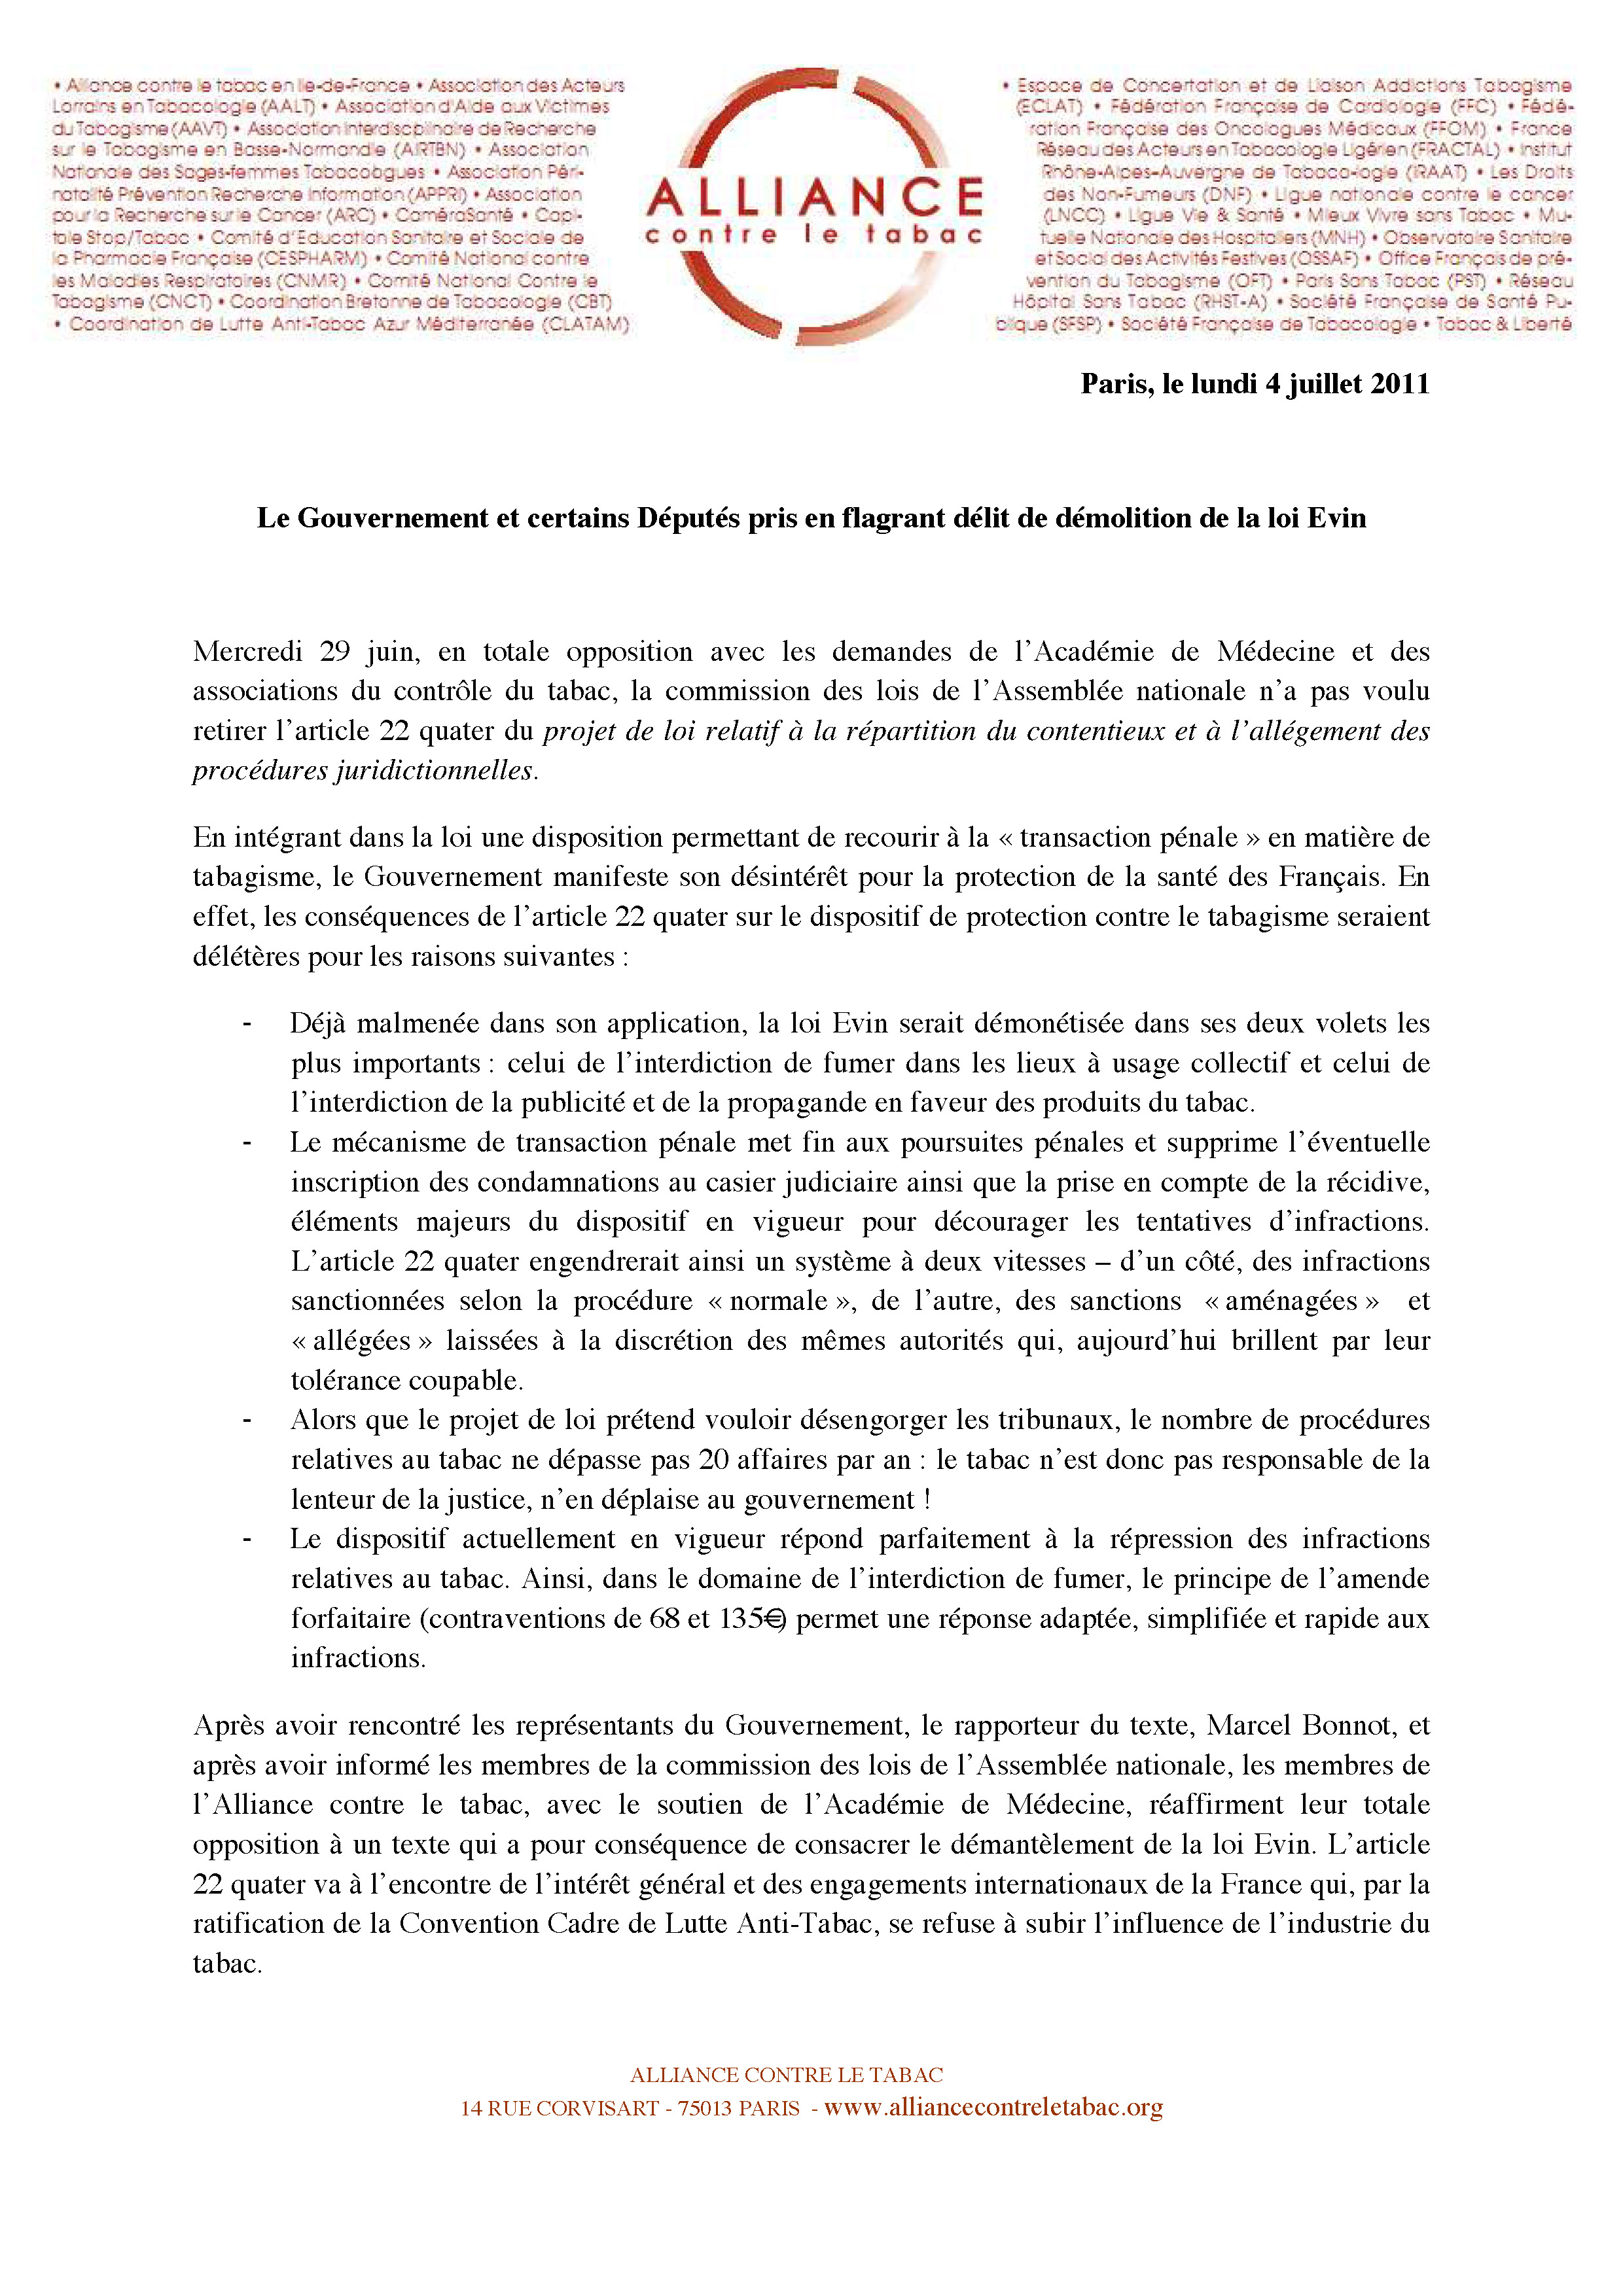 Alliance-CP_projet-de-loi-article-22-quater_04juil2011_Page_1.jpg